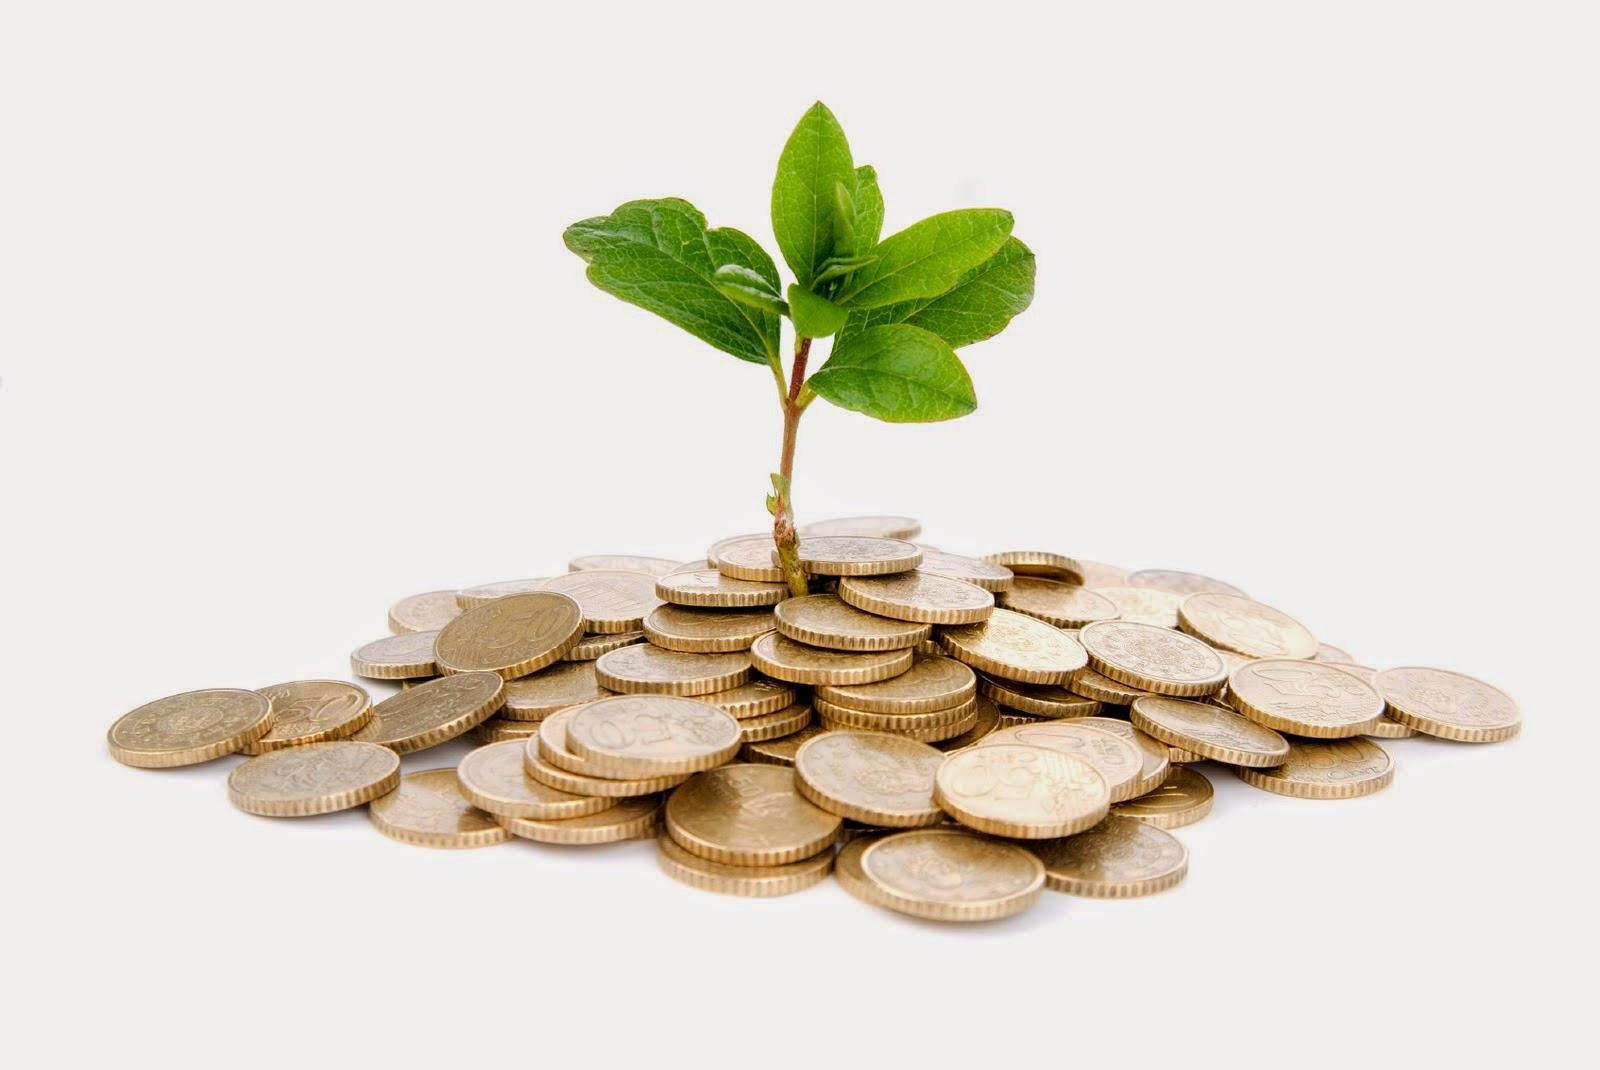 Iniciarse en el mundo de los negocios y las inversiones